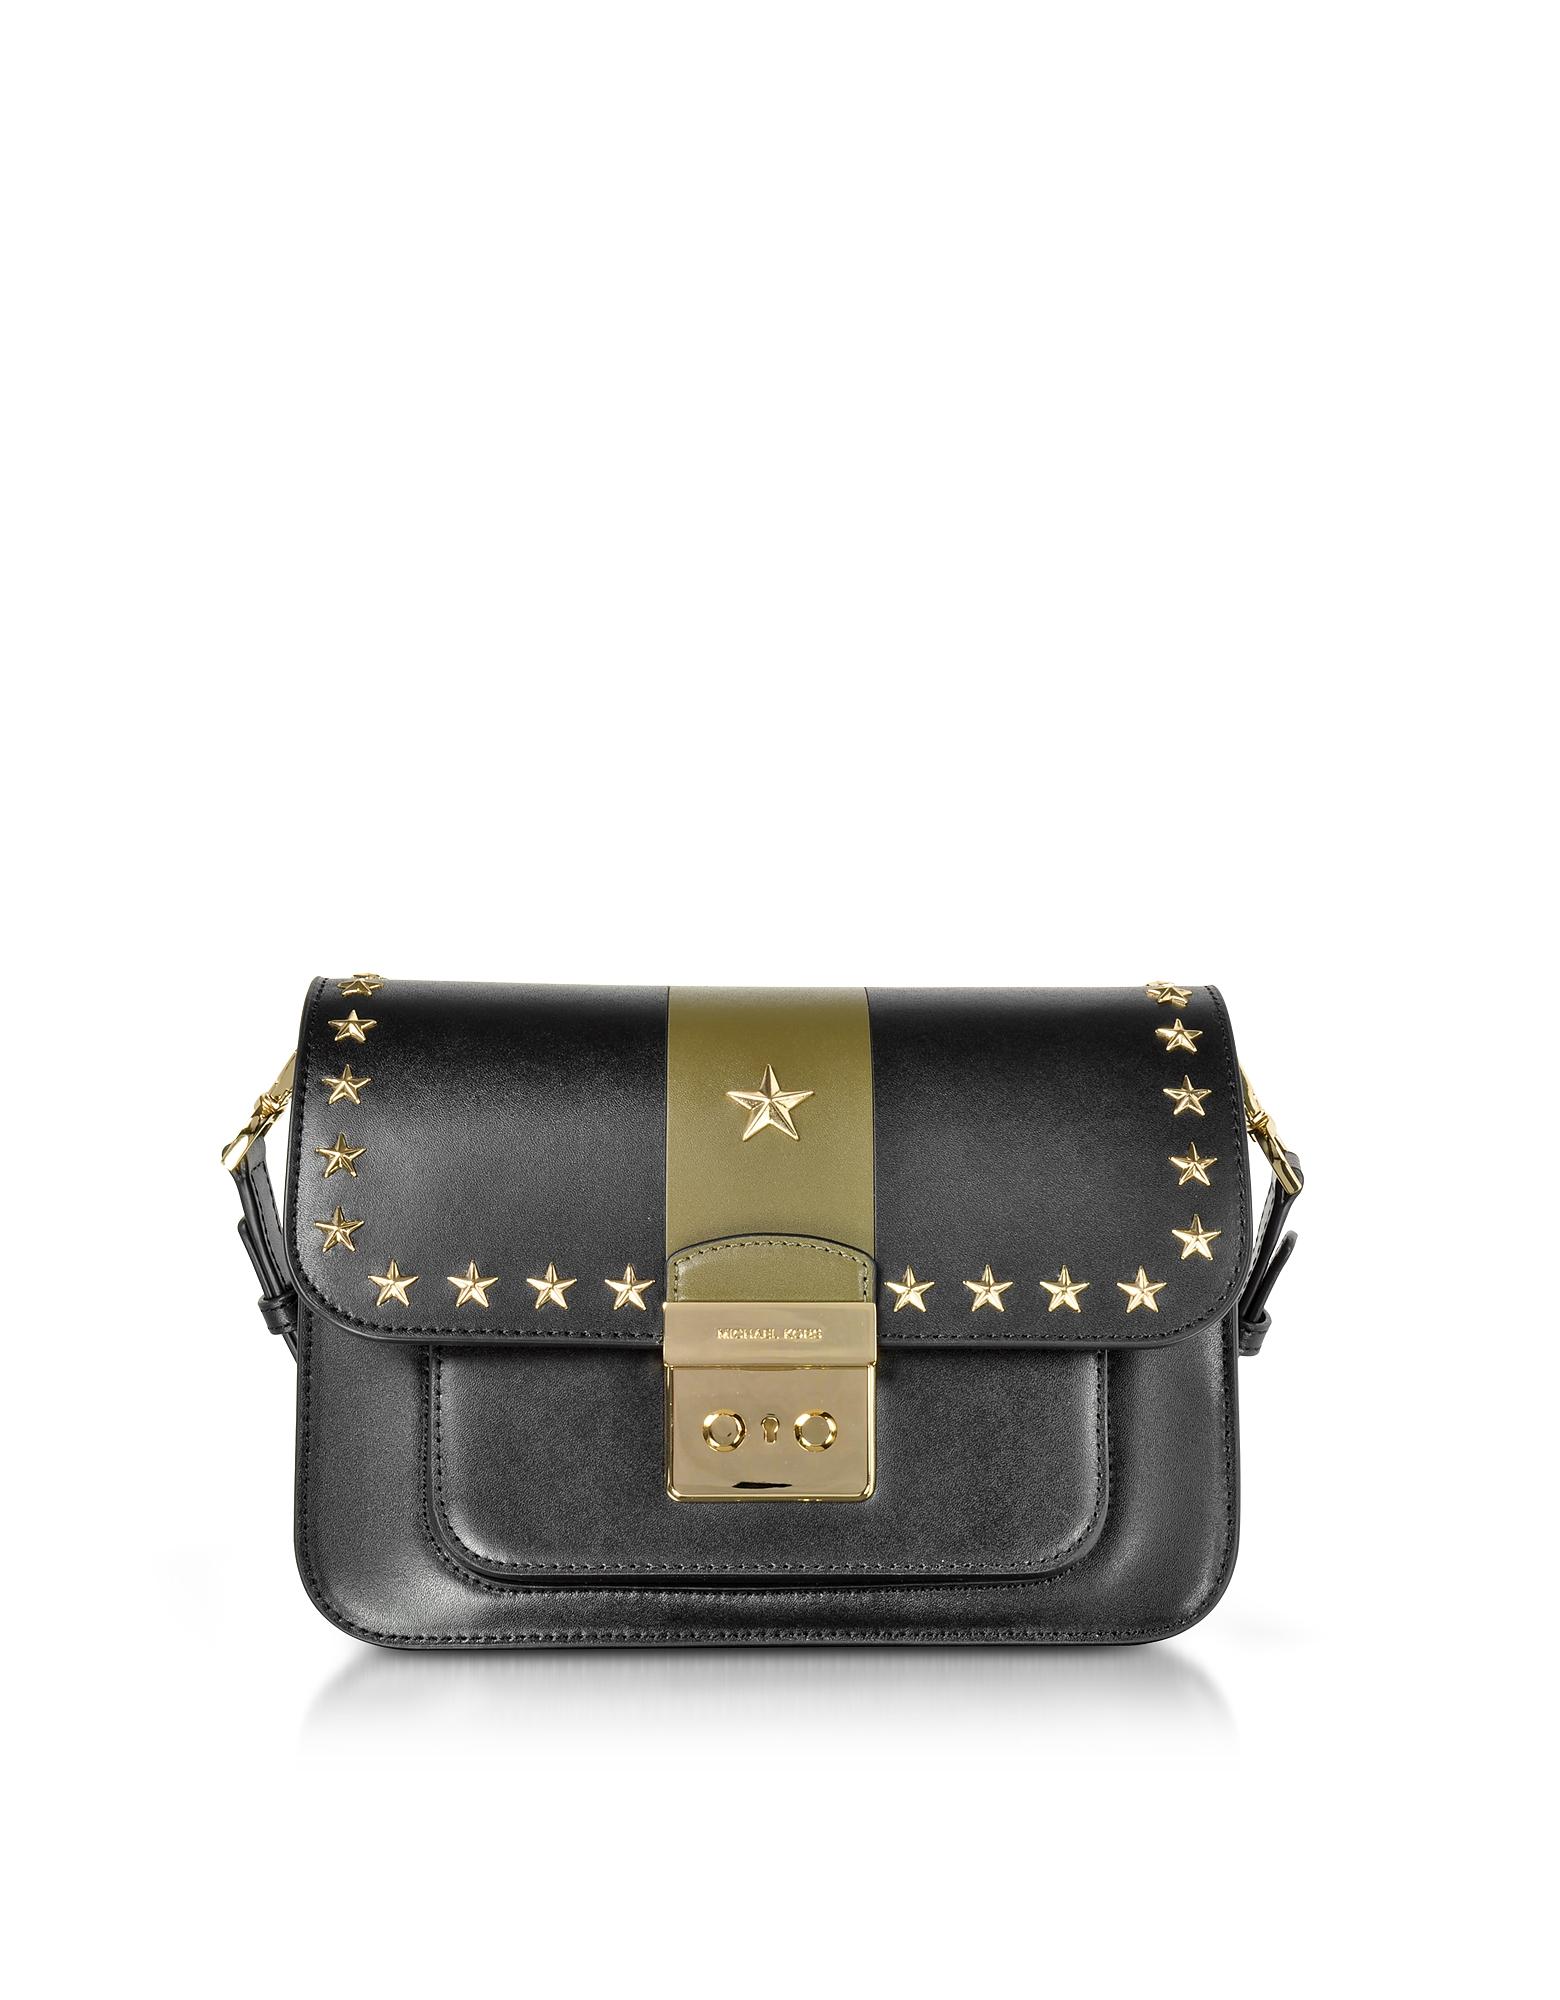 Sloan Editor Large Black and Olive Leather Shoulder Bag w/Stars